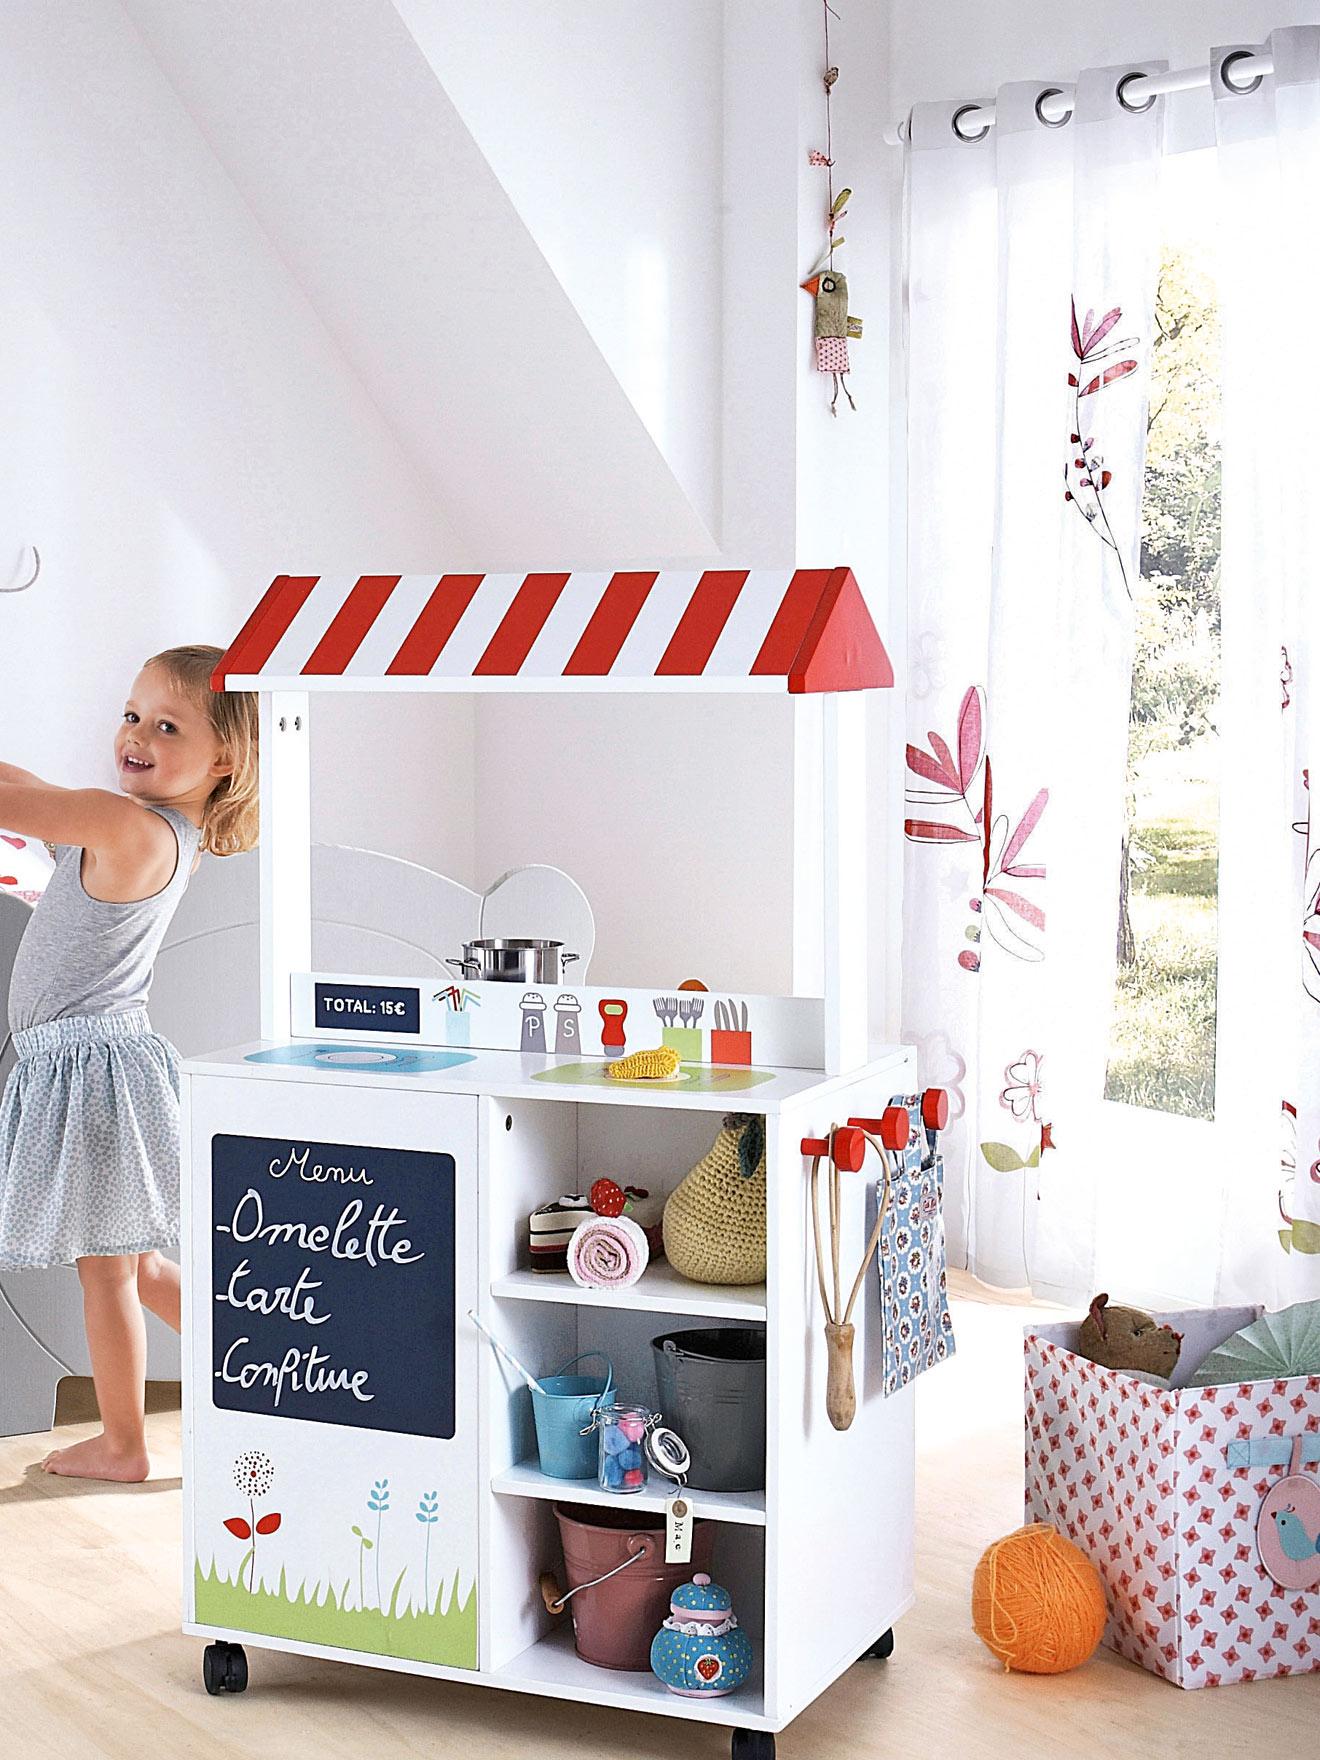 Дизайн штор для детской комнаты цветочный